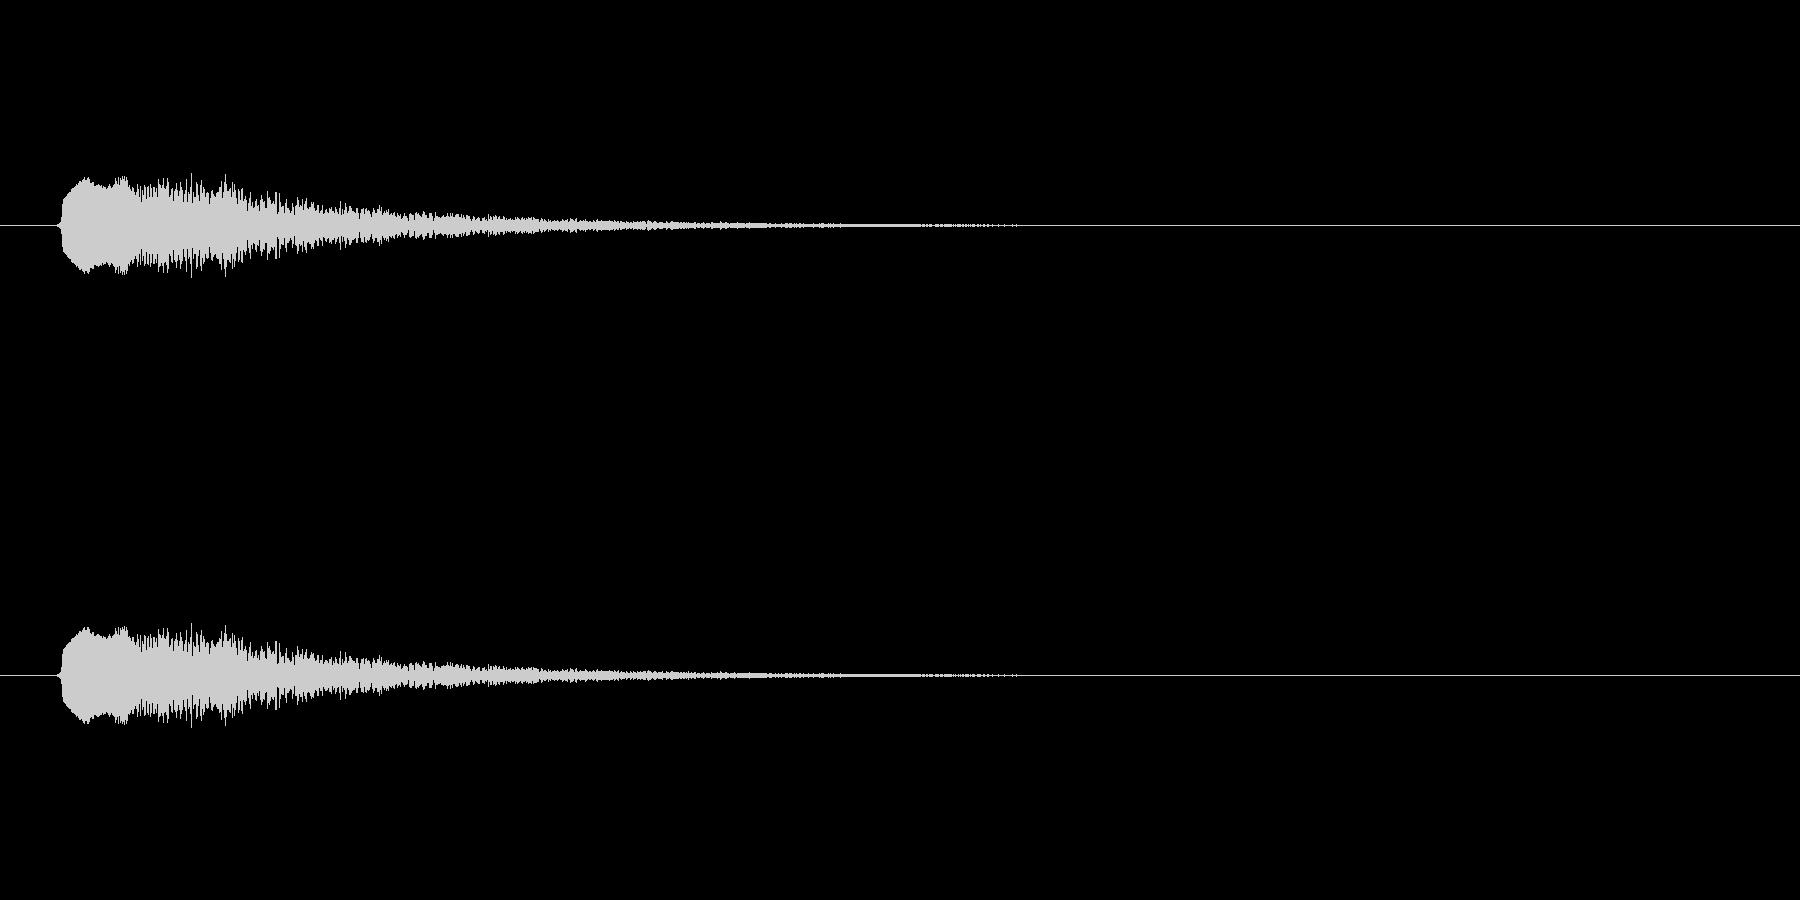 【ポップモーション18-4】の未再生の波形